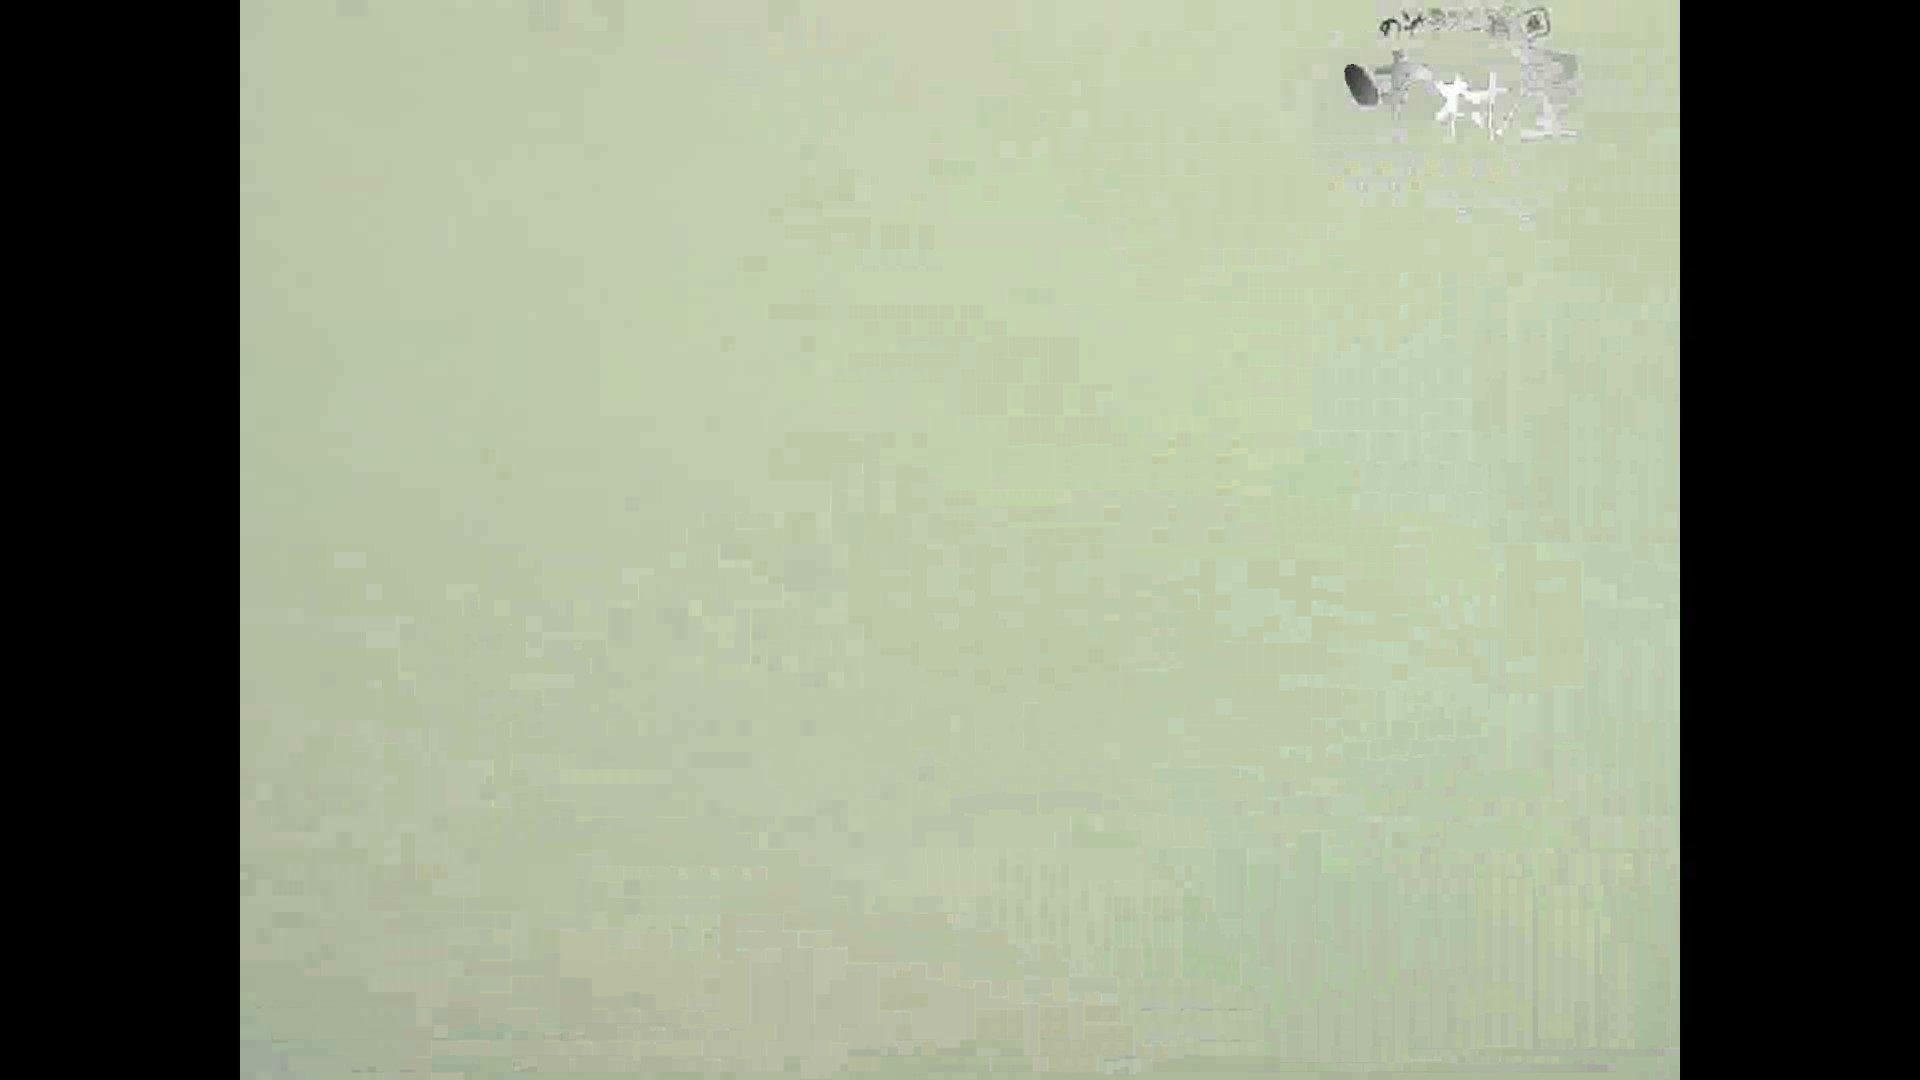 岩手県在住盗撮師盗撮記録vol.41 排泄編 | 盗撮シリーズ  89PIX 85